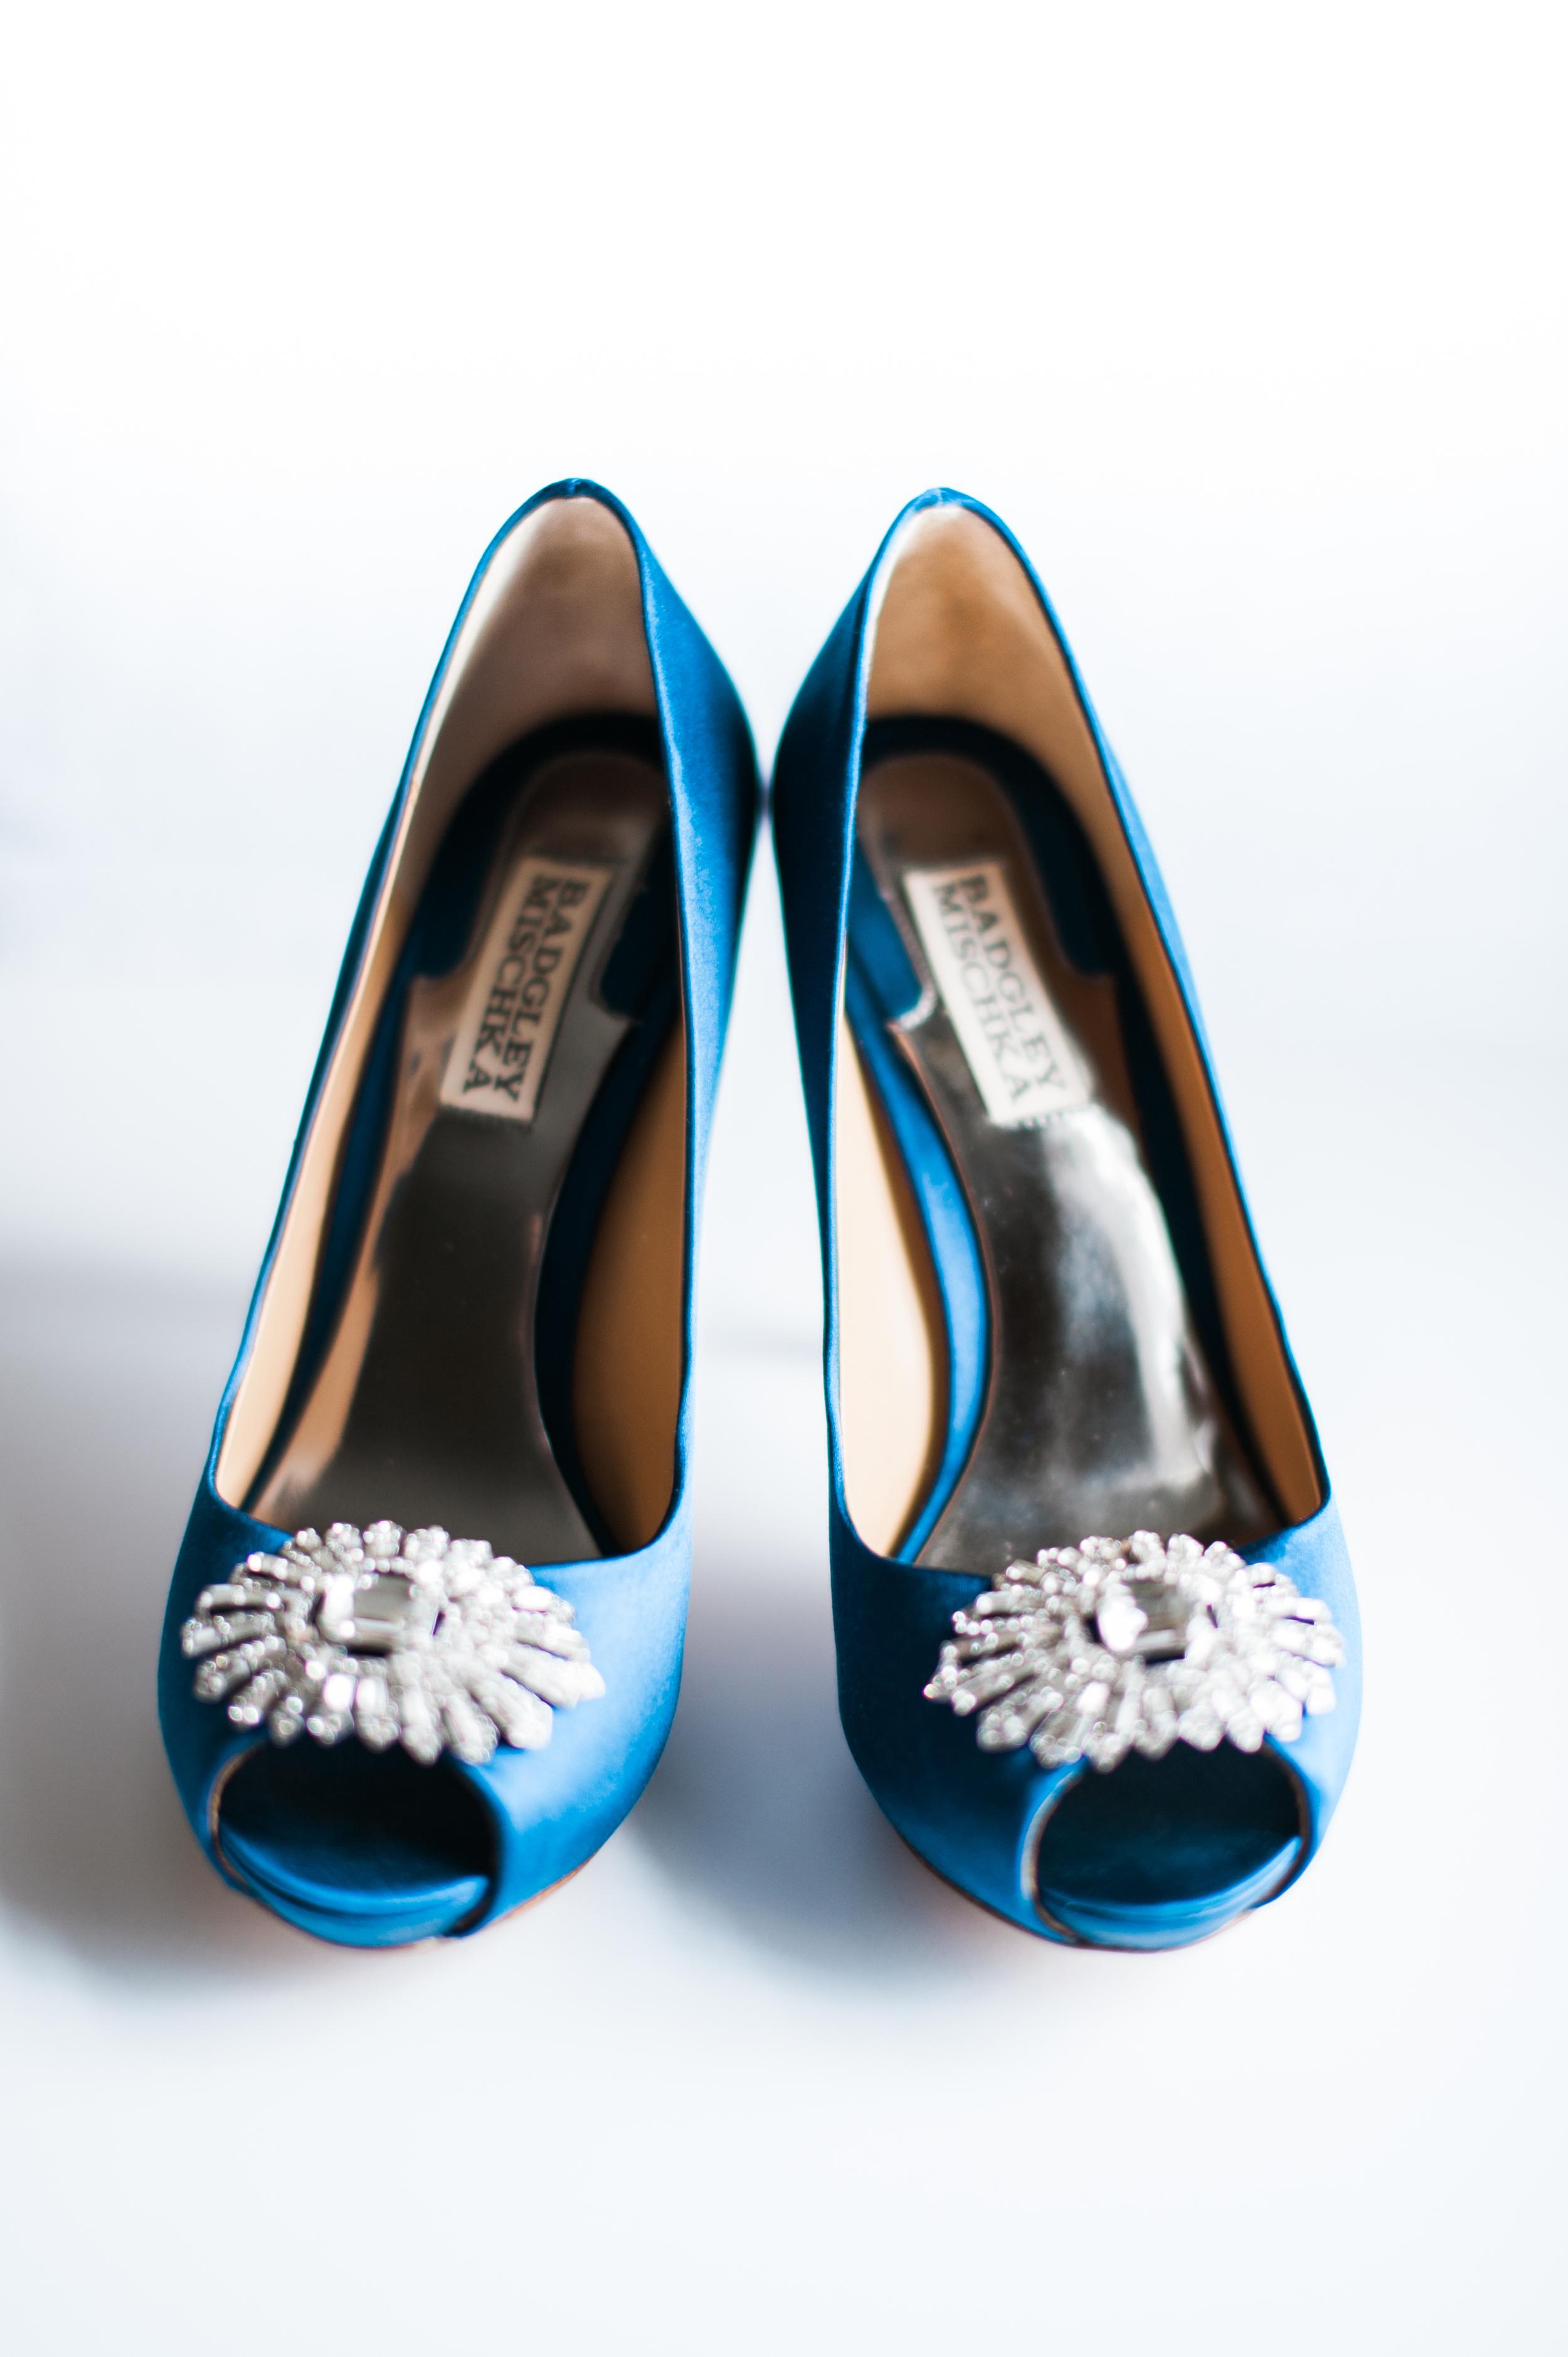 blueweddingshoes